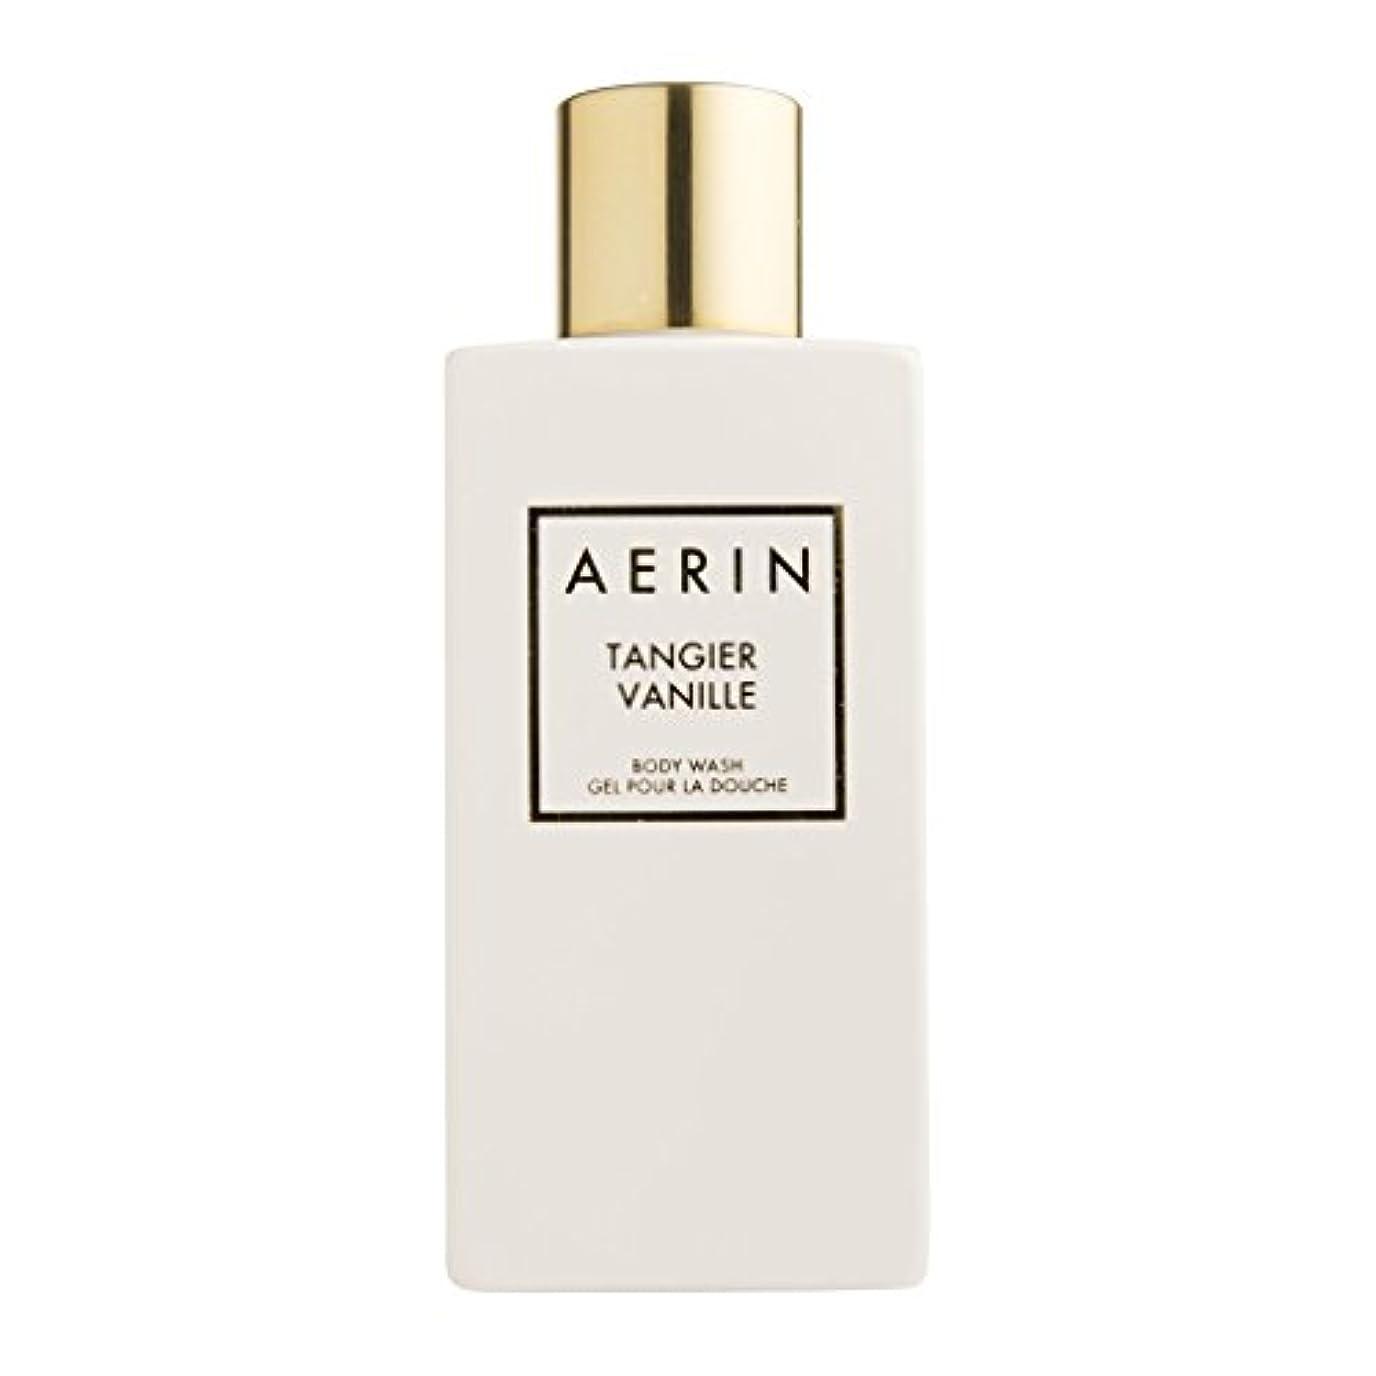 位置づける比較舌なAERIN Tangier Vanille (アエリン タンジヤー バニール) 7.6 oz (228ml) Body Wash ボディーウオッシュ by Estee Lauder for Women